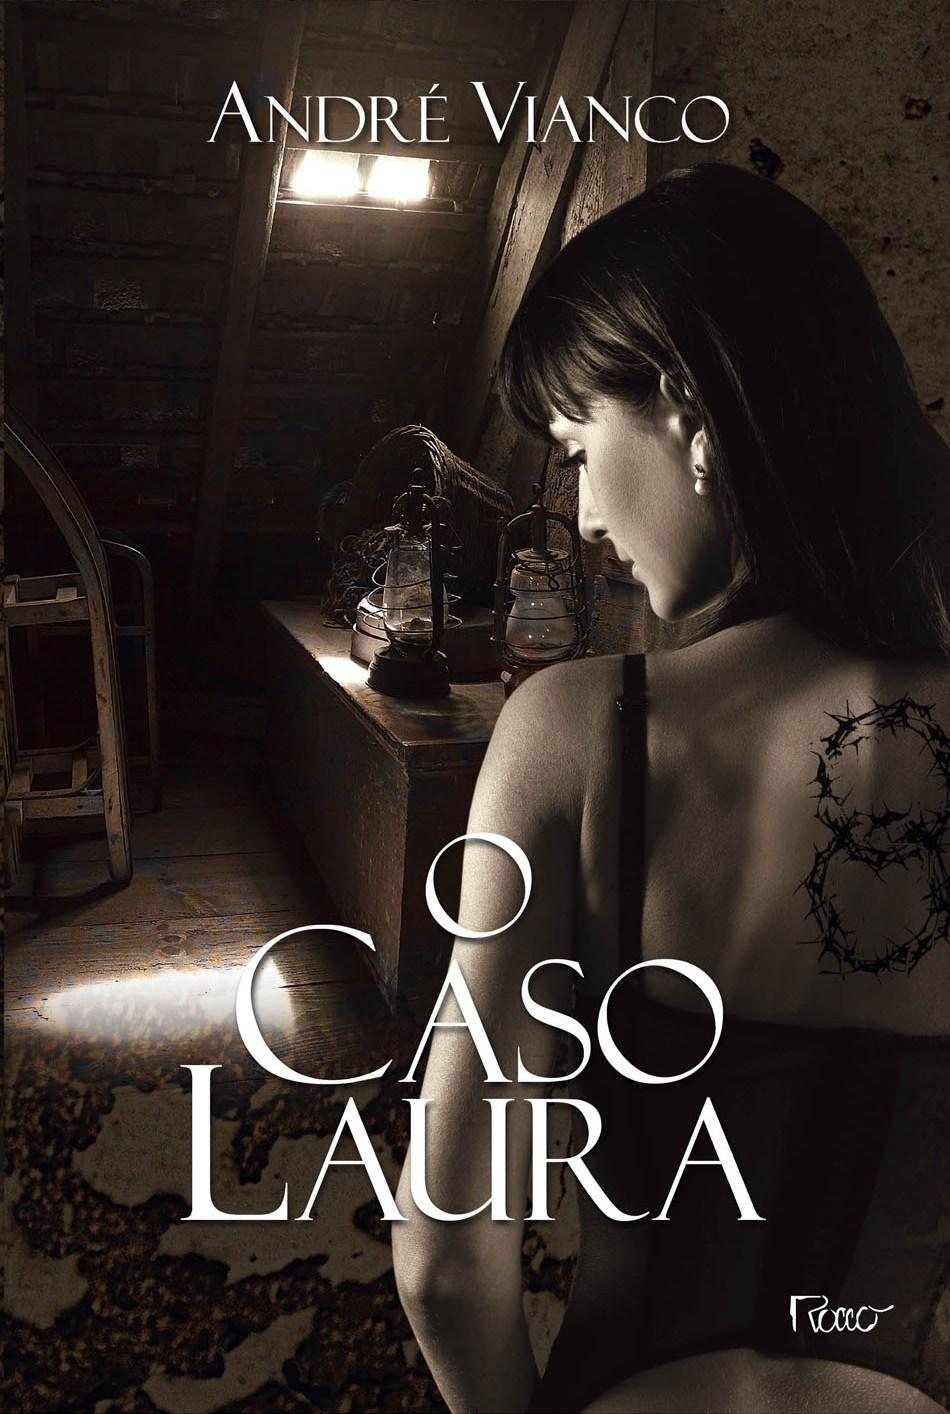 http://andrevianco.files.wordpress.com/2011/03/capa_o_caso_laura_1.jpg